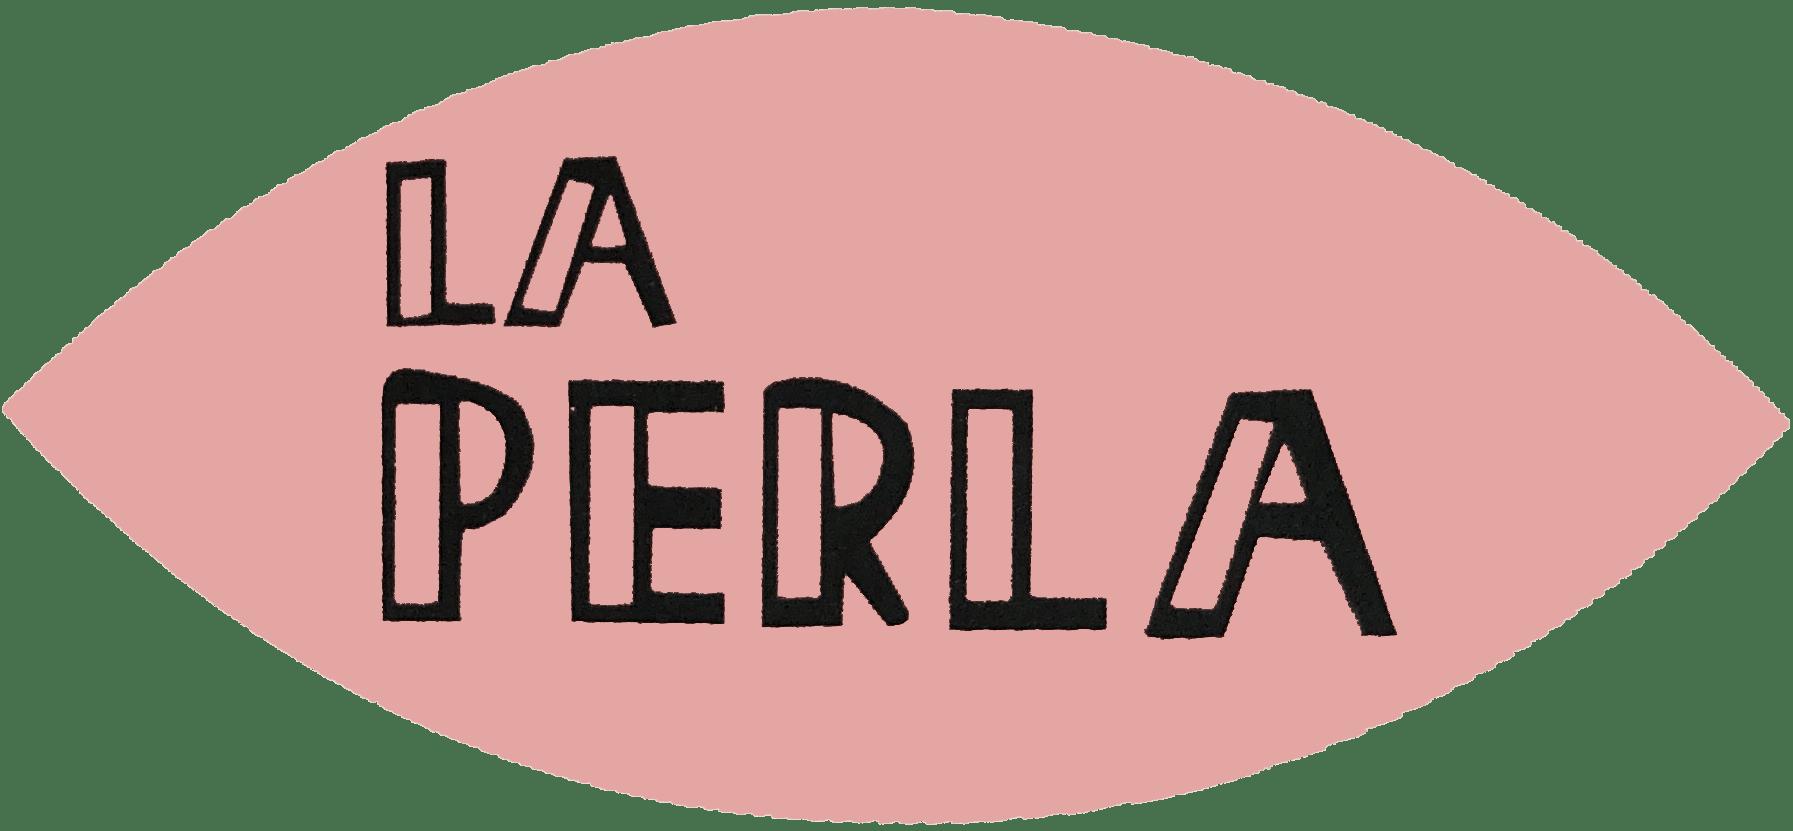 Trattoria – Pizzeria La Perla Reutlingen